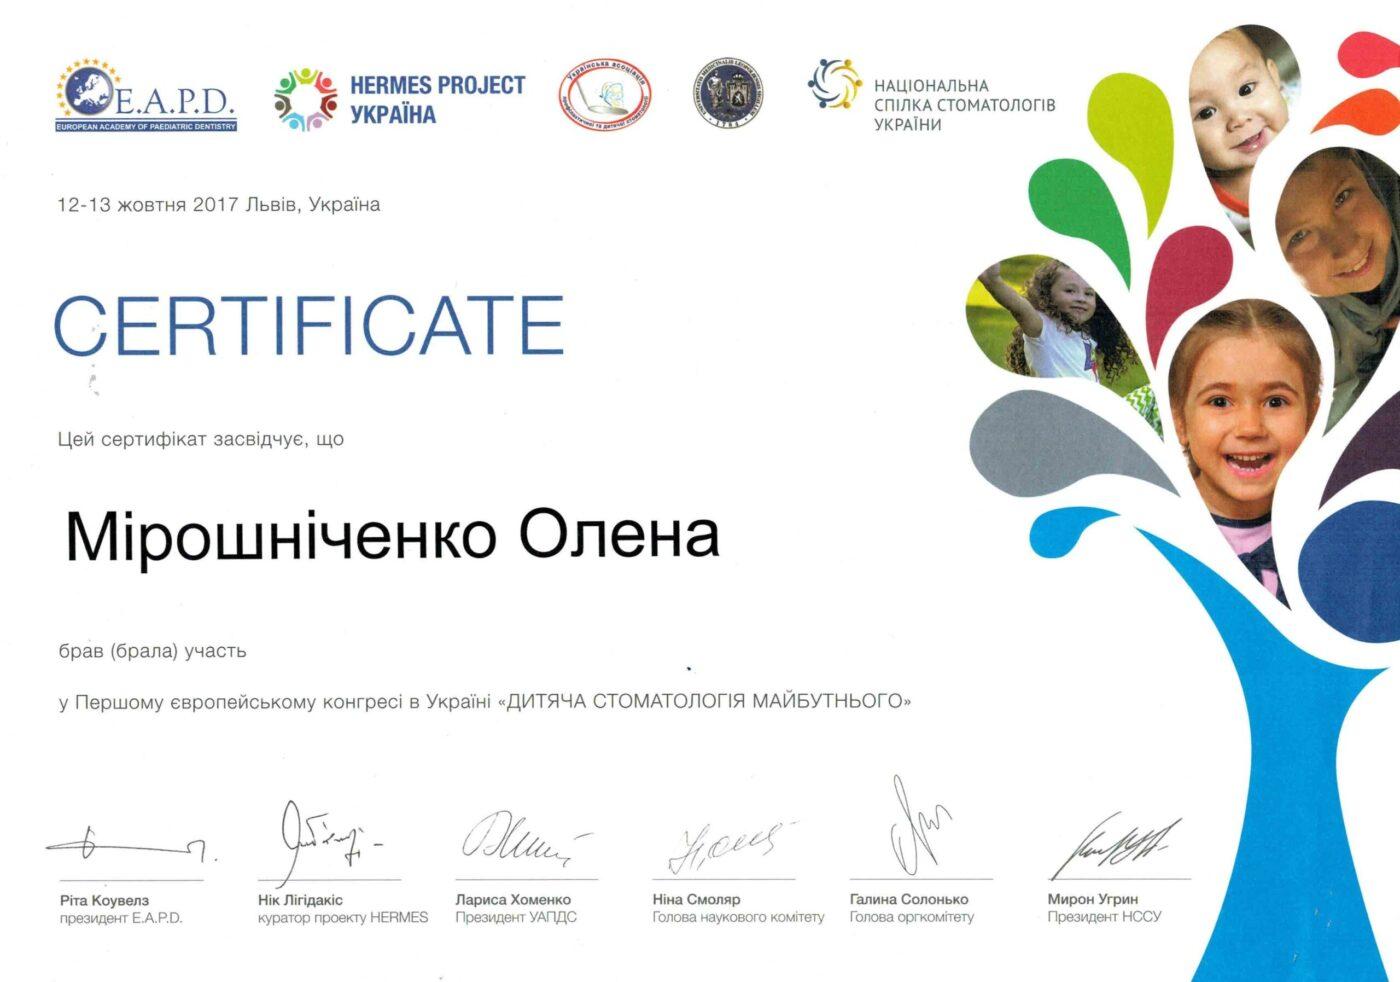 Сертифікат Мірошніченко Олени - участь у Першому Європейському конгресі в Україні (ДИТЯЧА СТОМАТОЛОГІЯ МАЙБУТНЬОГО)